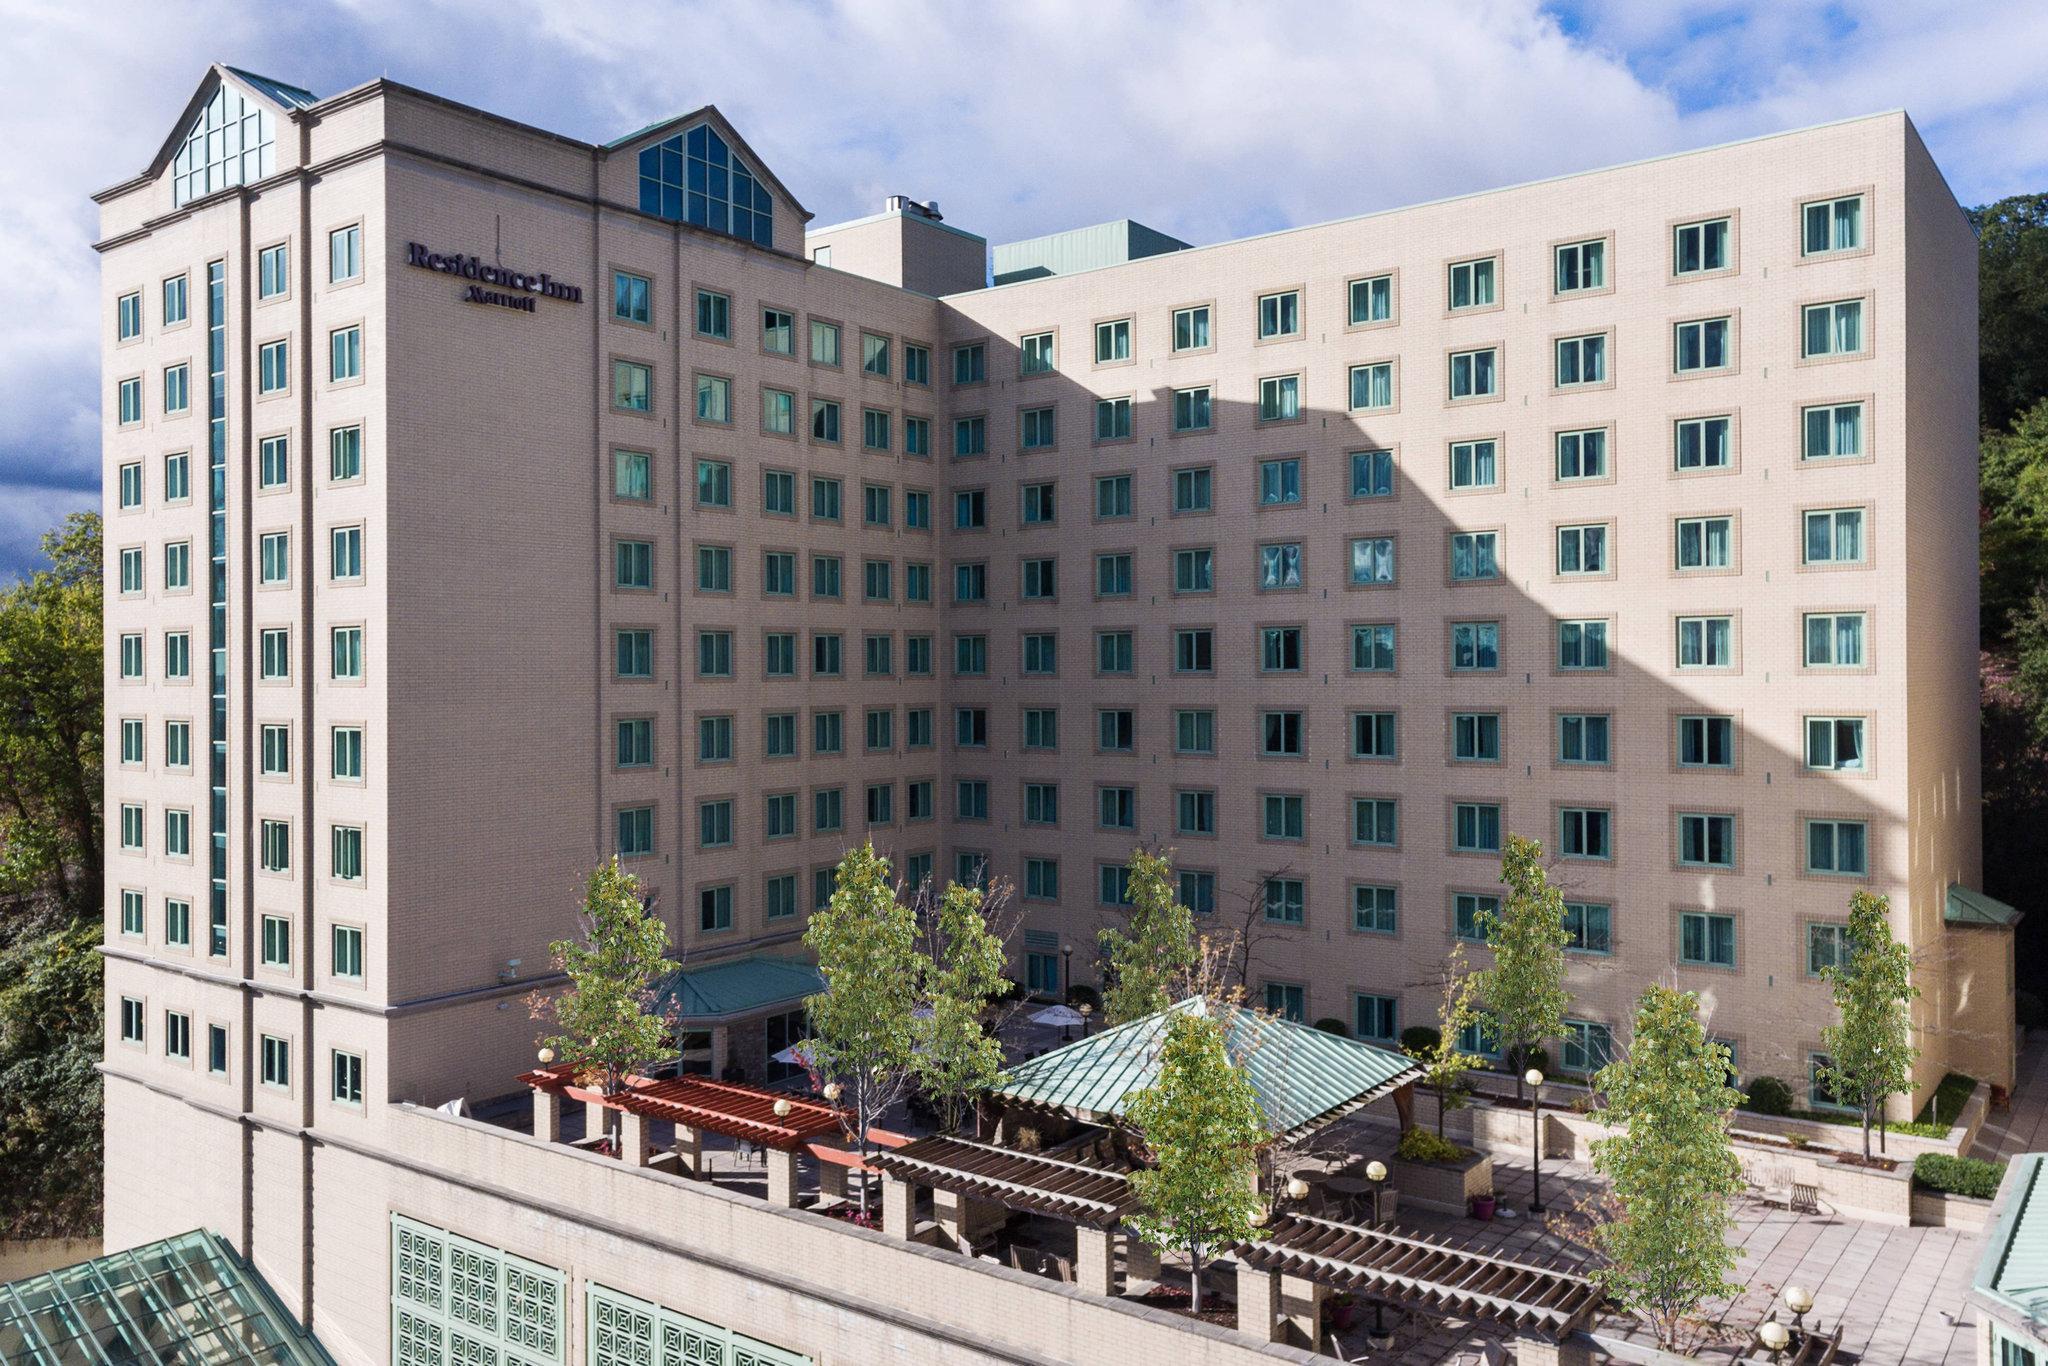 Residence Inn Pittsburgh University Medical Center